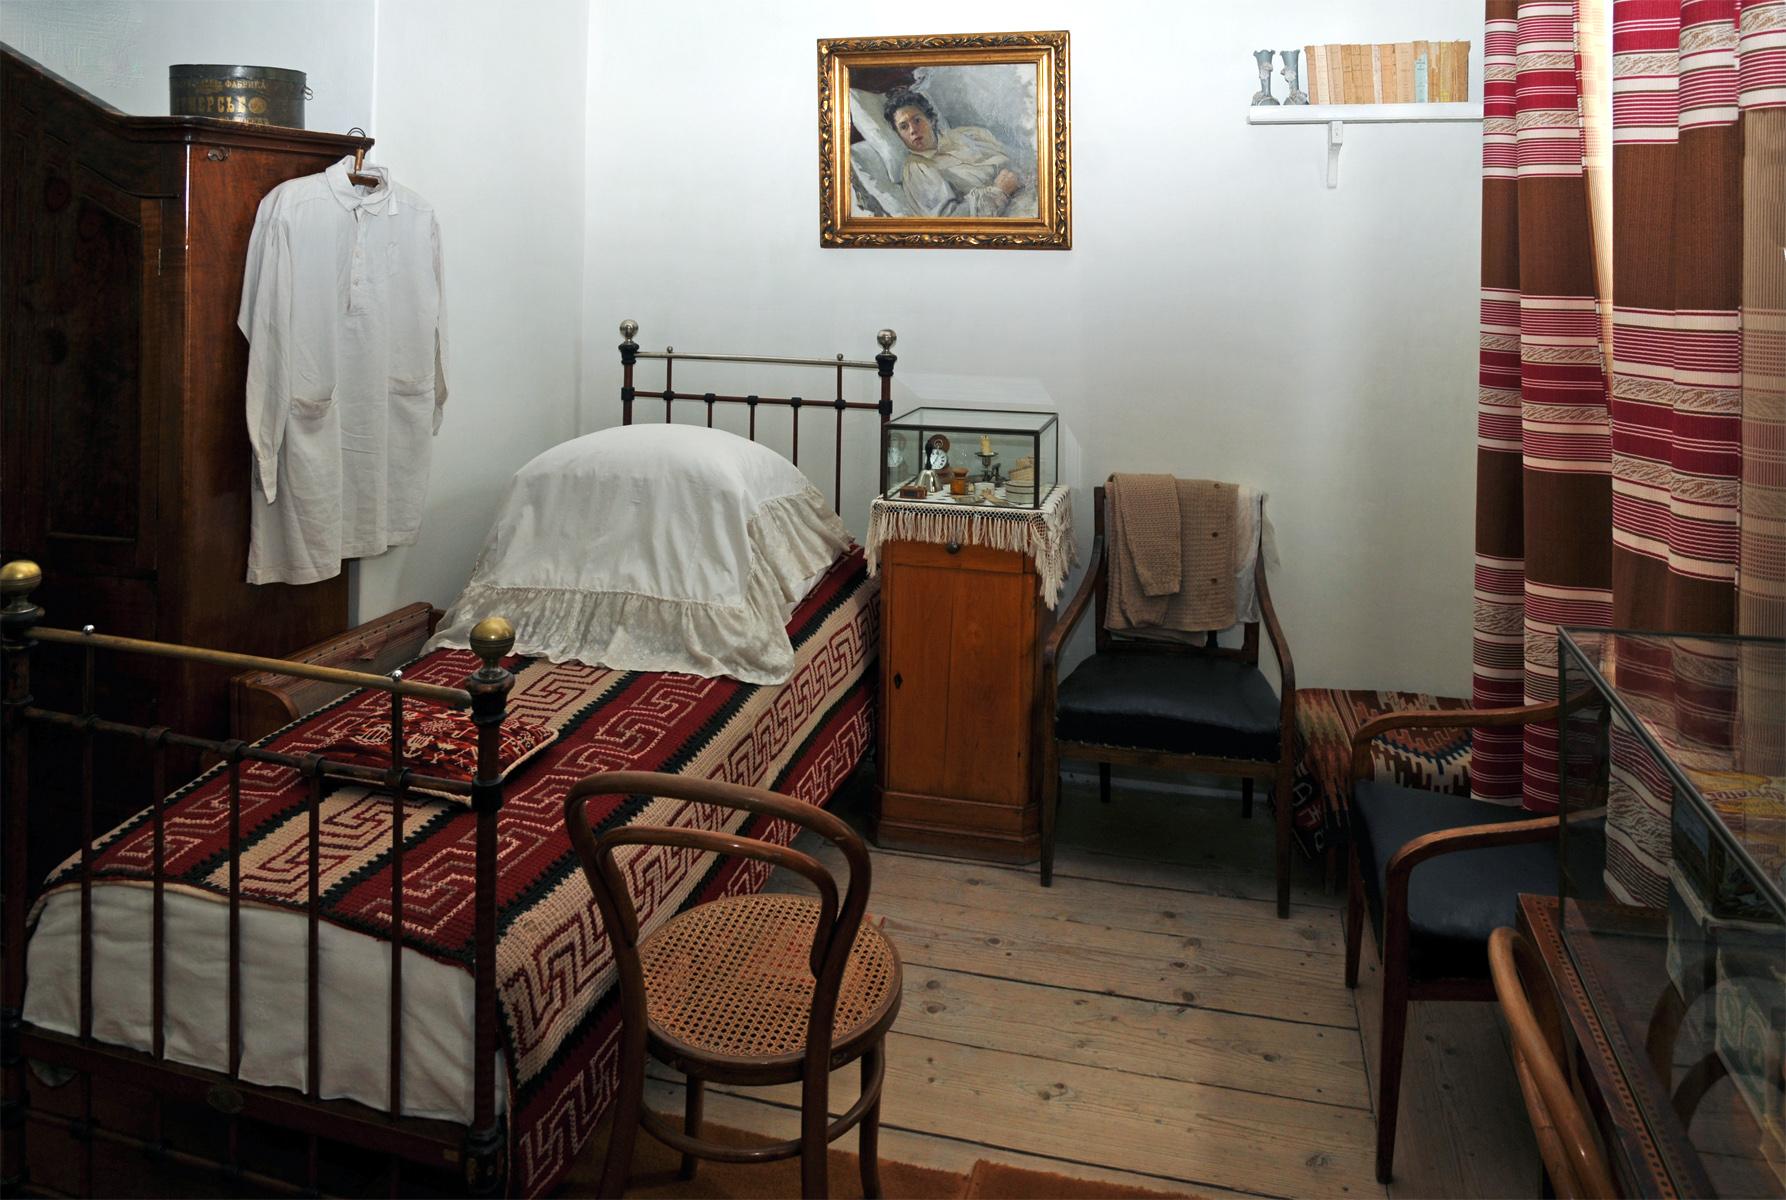 File:Stanza da letto di tolstoj.jpg - Wikipedia